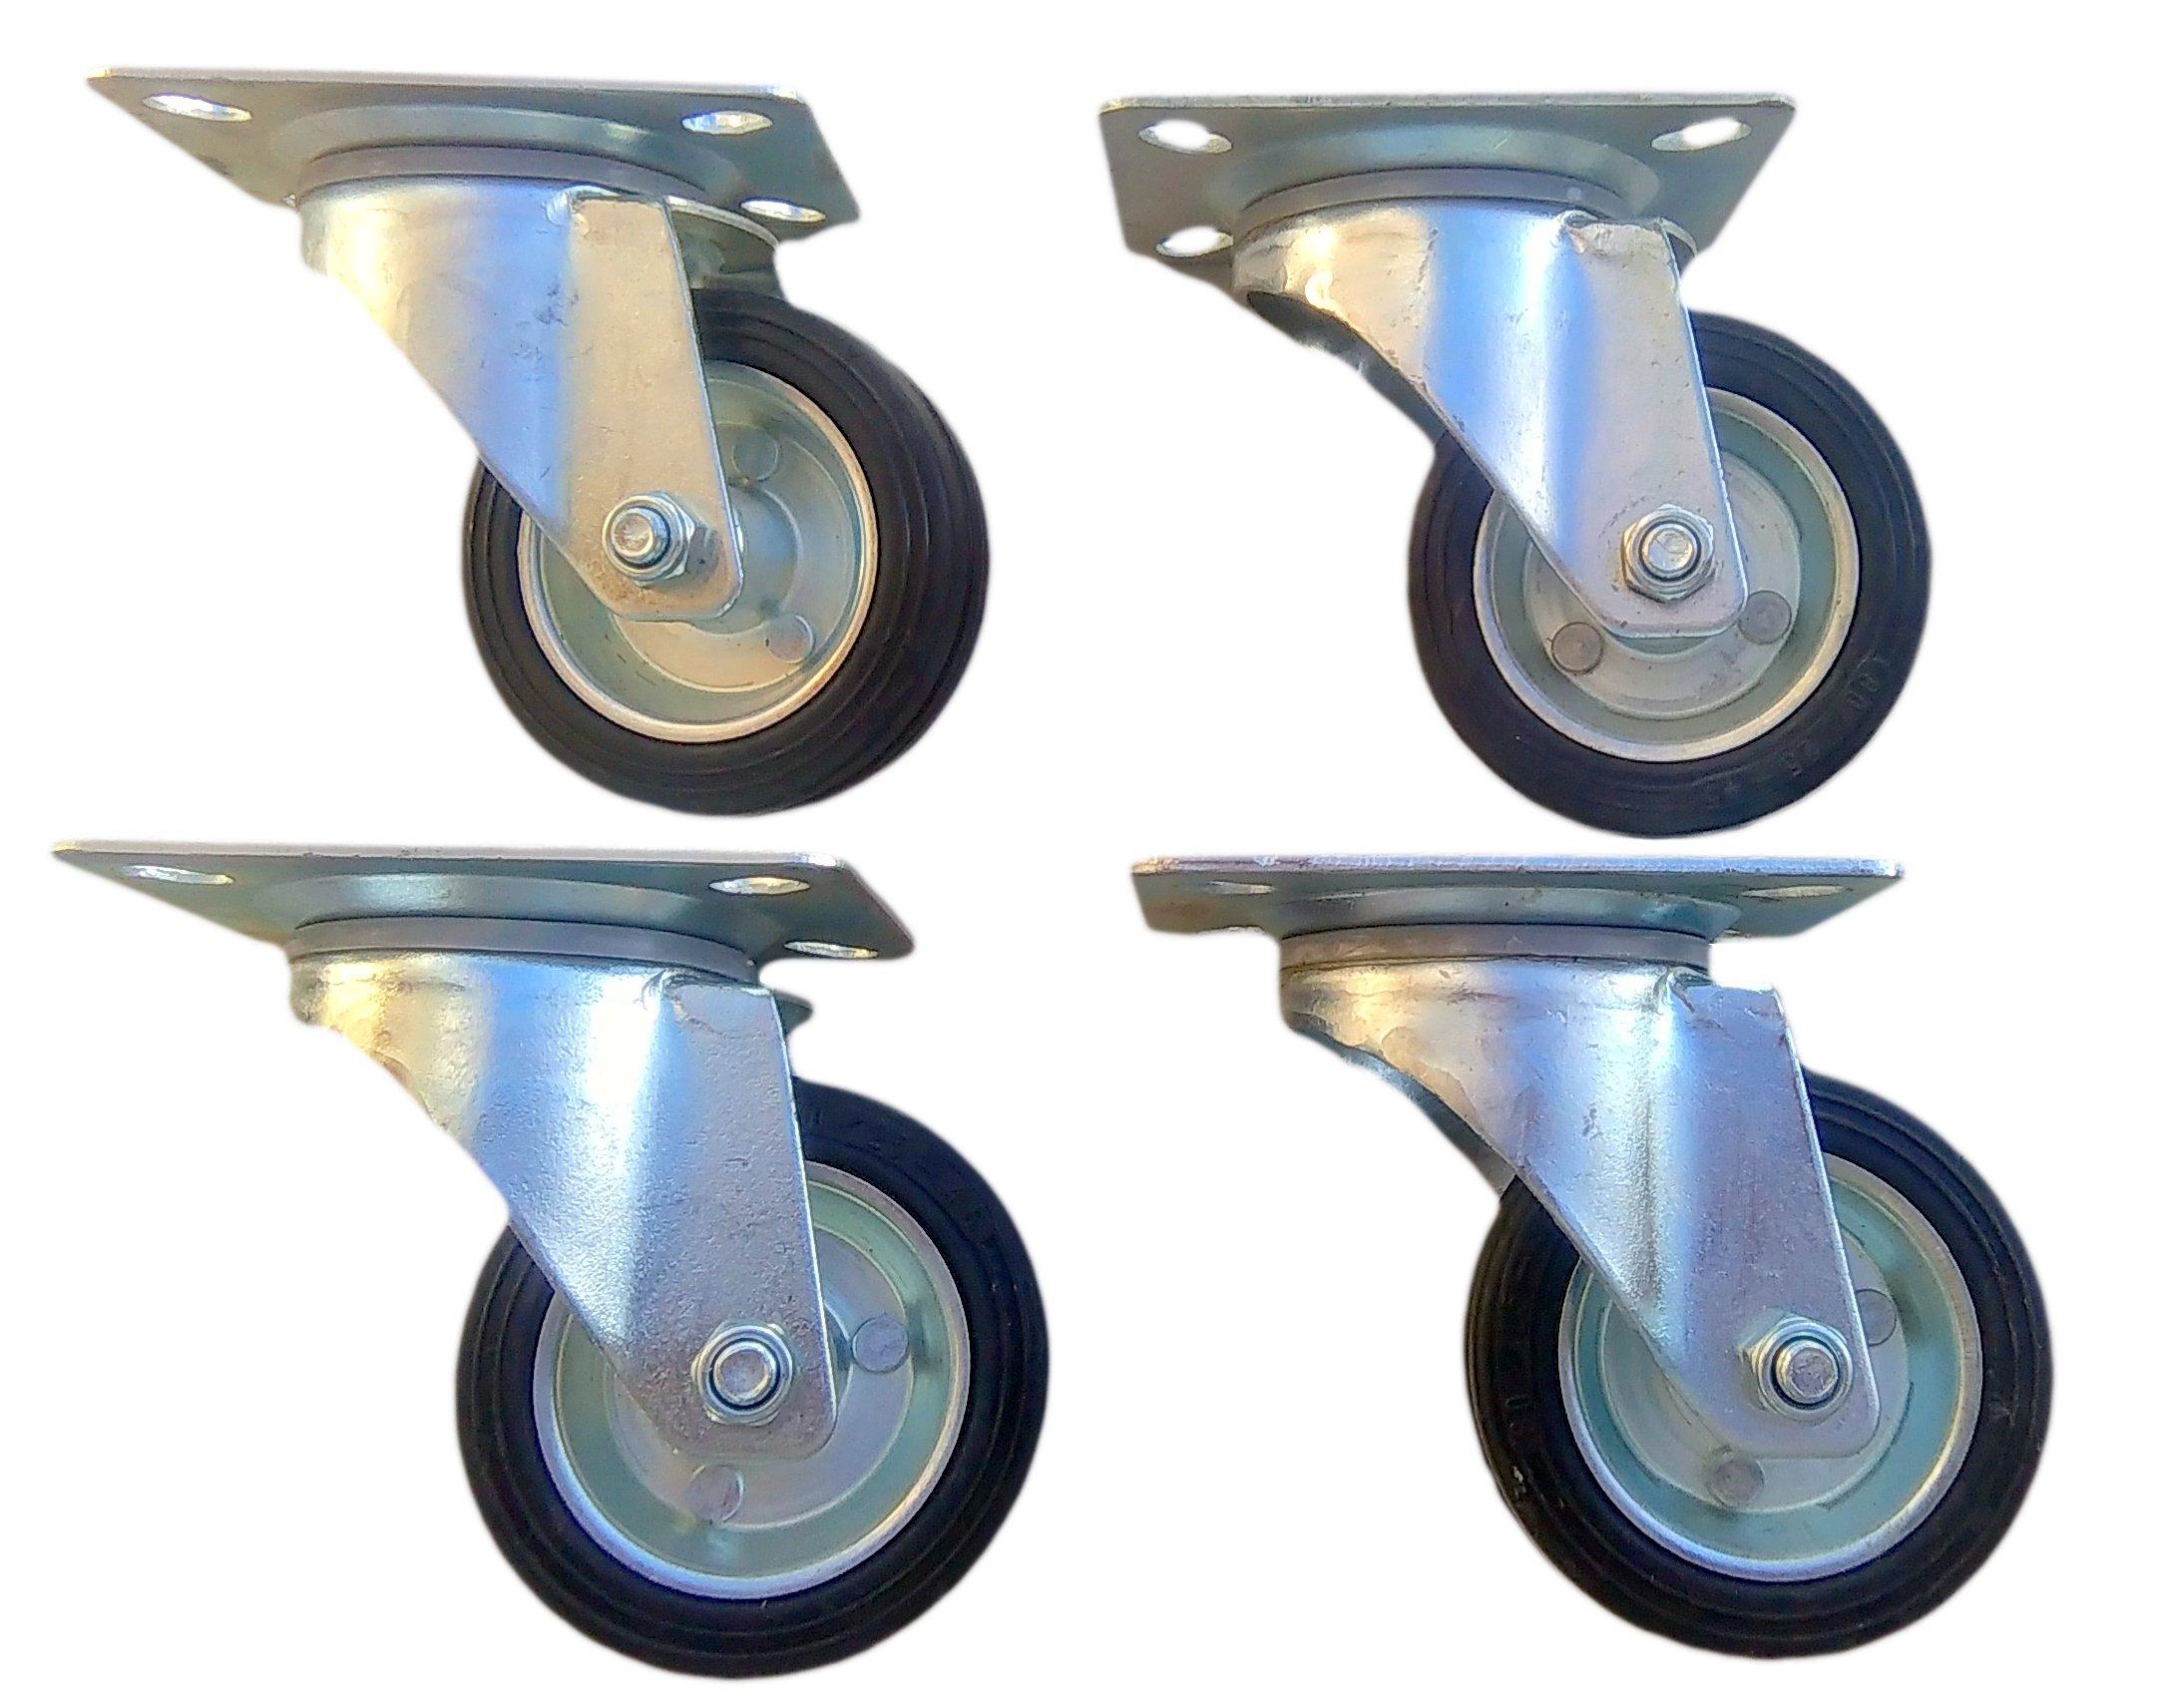 Koleso FI 100mm kolesové kolesové vozíky Trolley Set 4 SZ